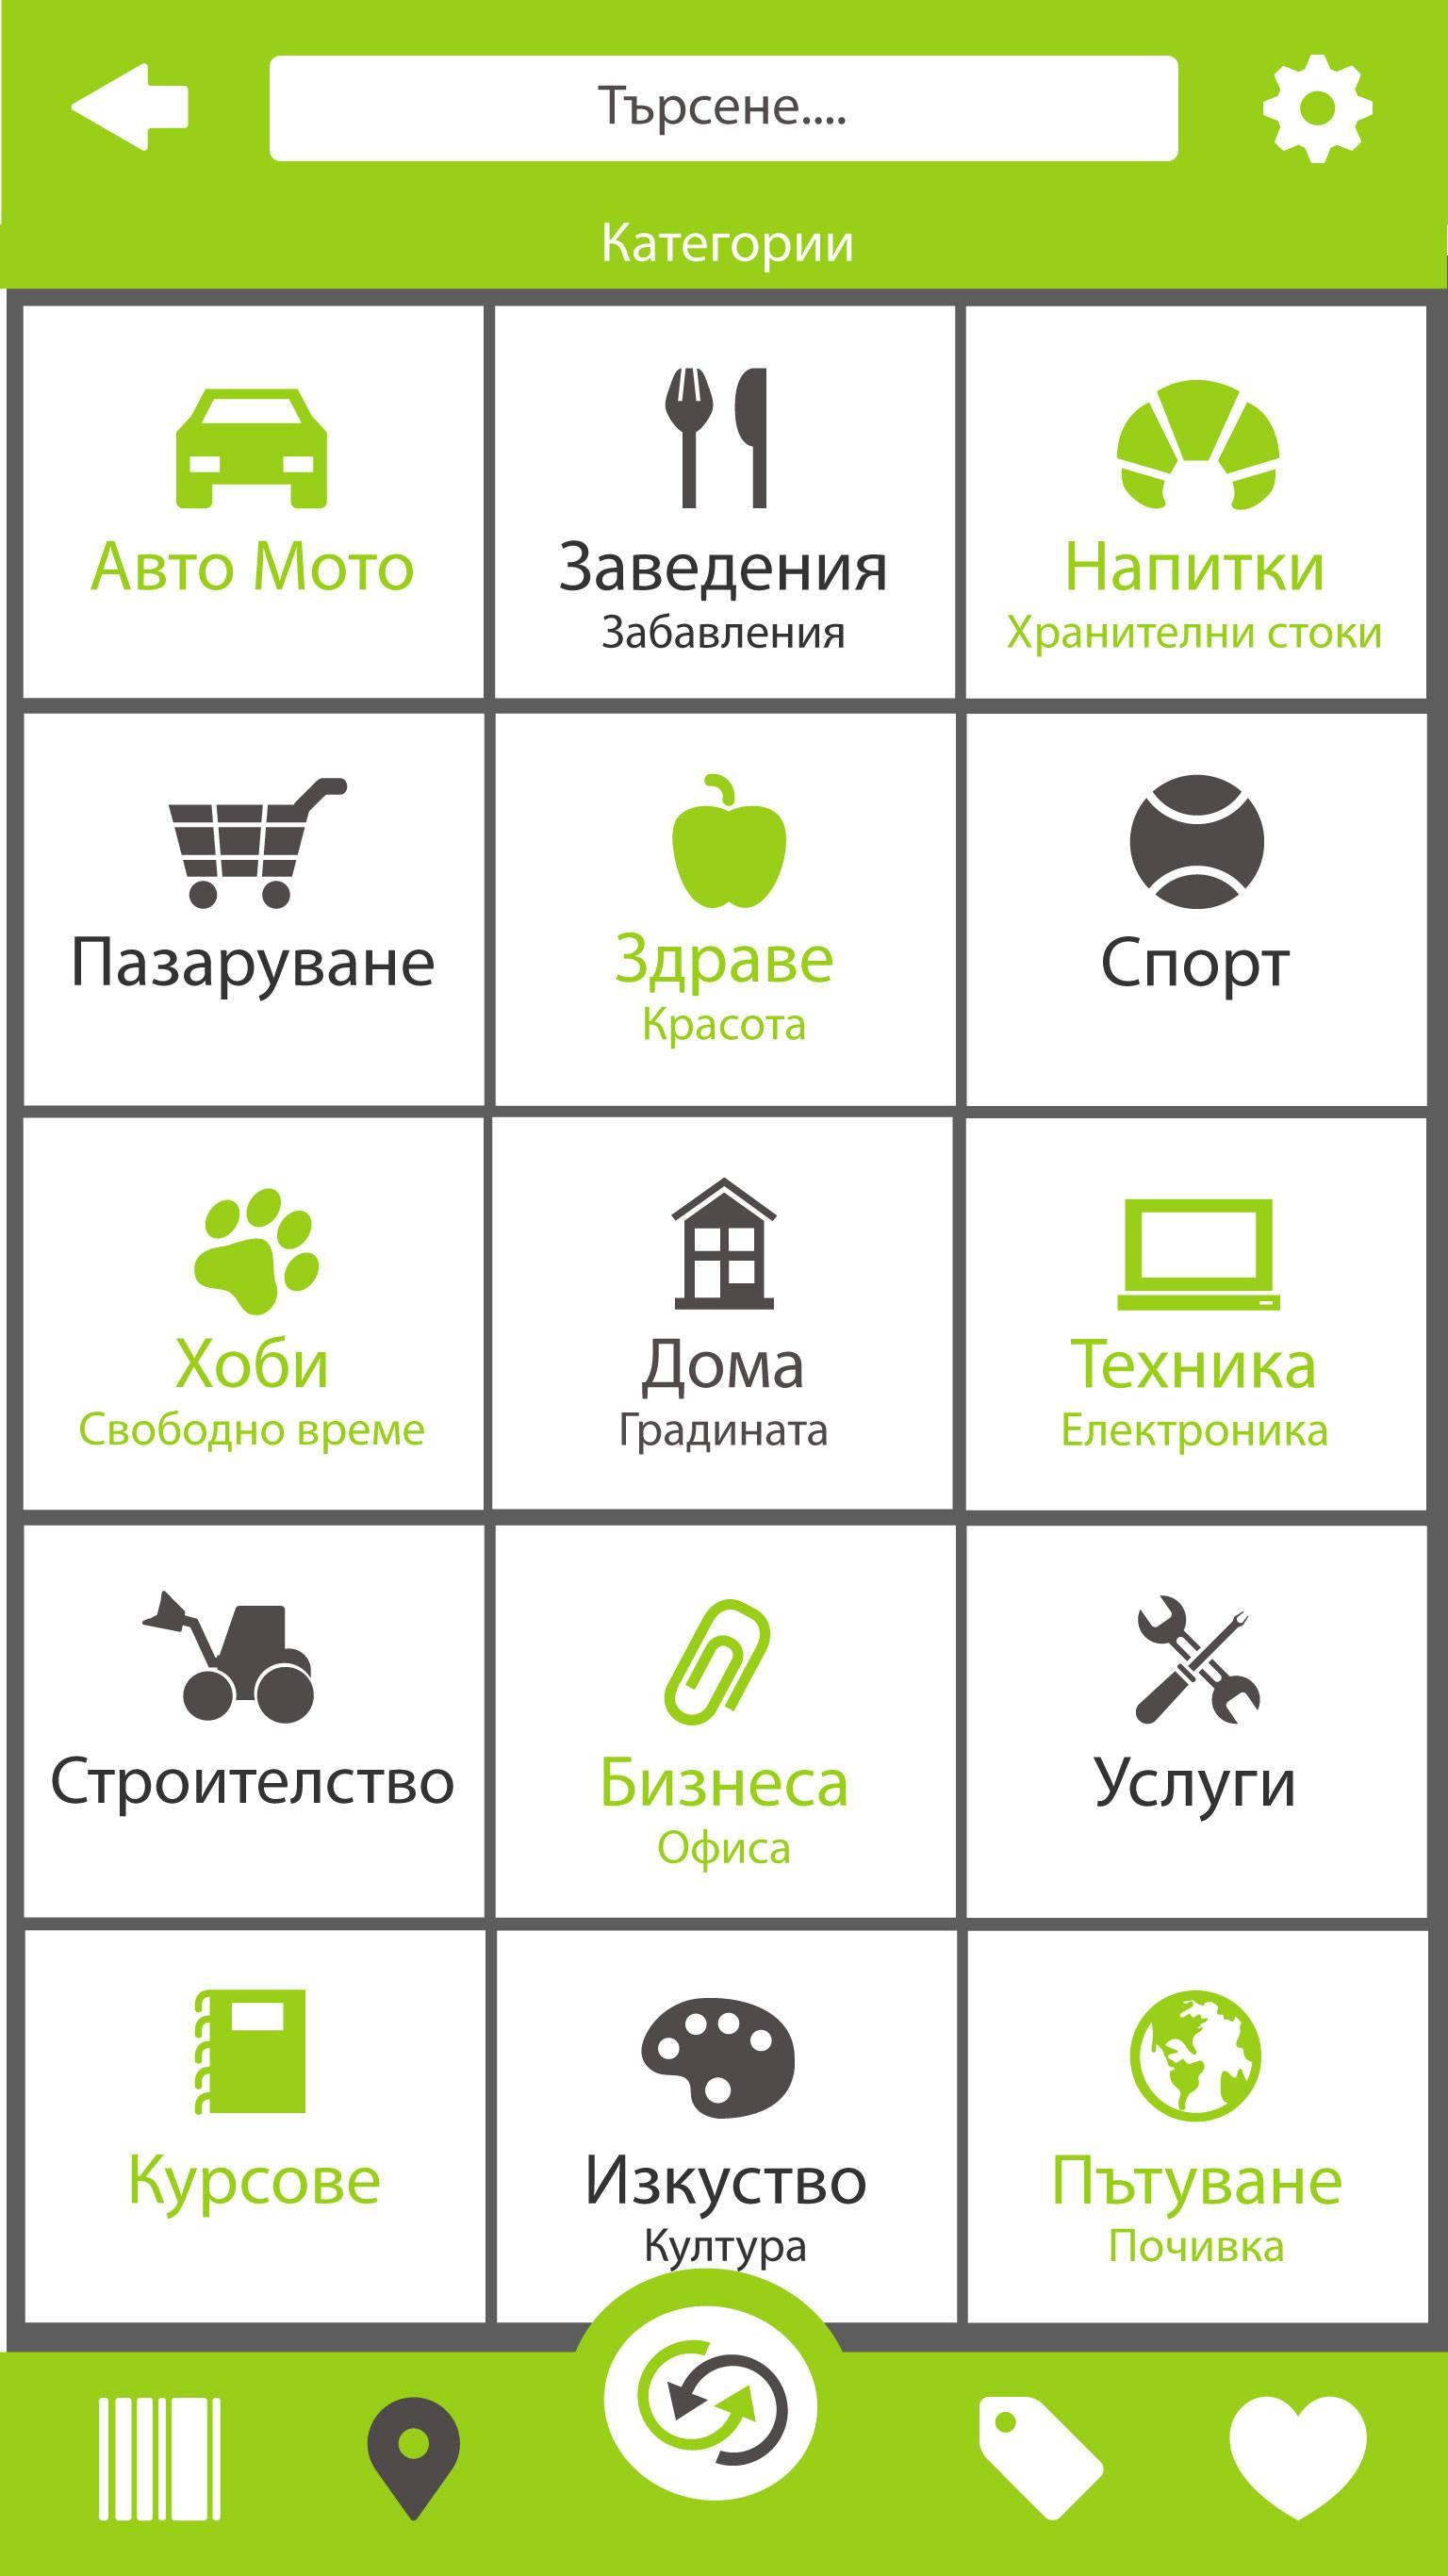 Categories-4